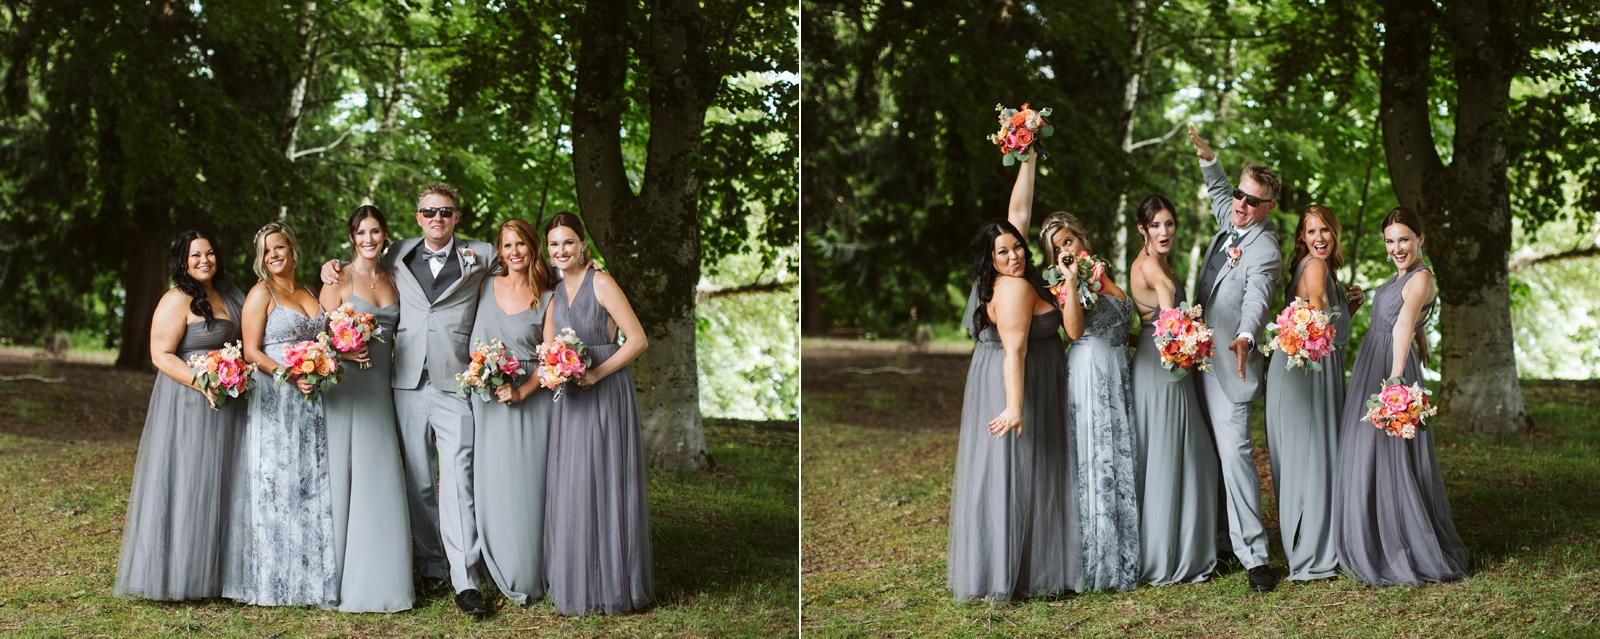 103-daronjackson-gabby-alec-wedding.jpg